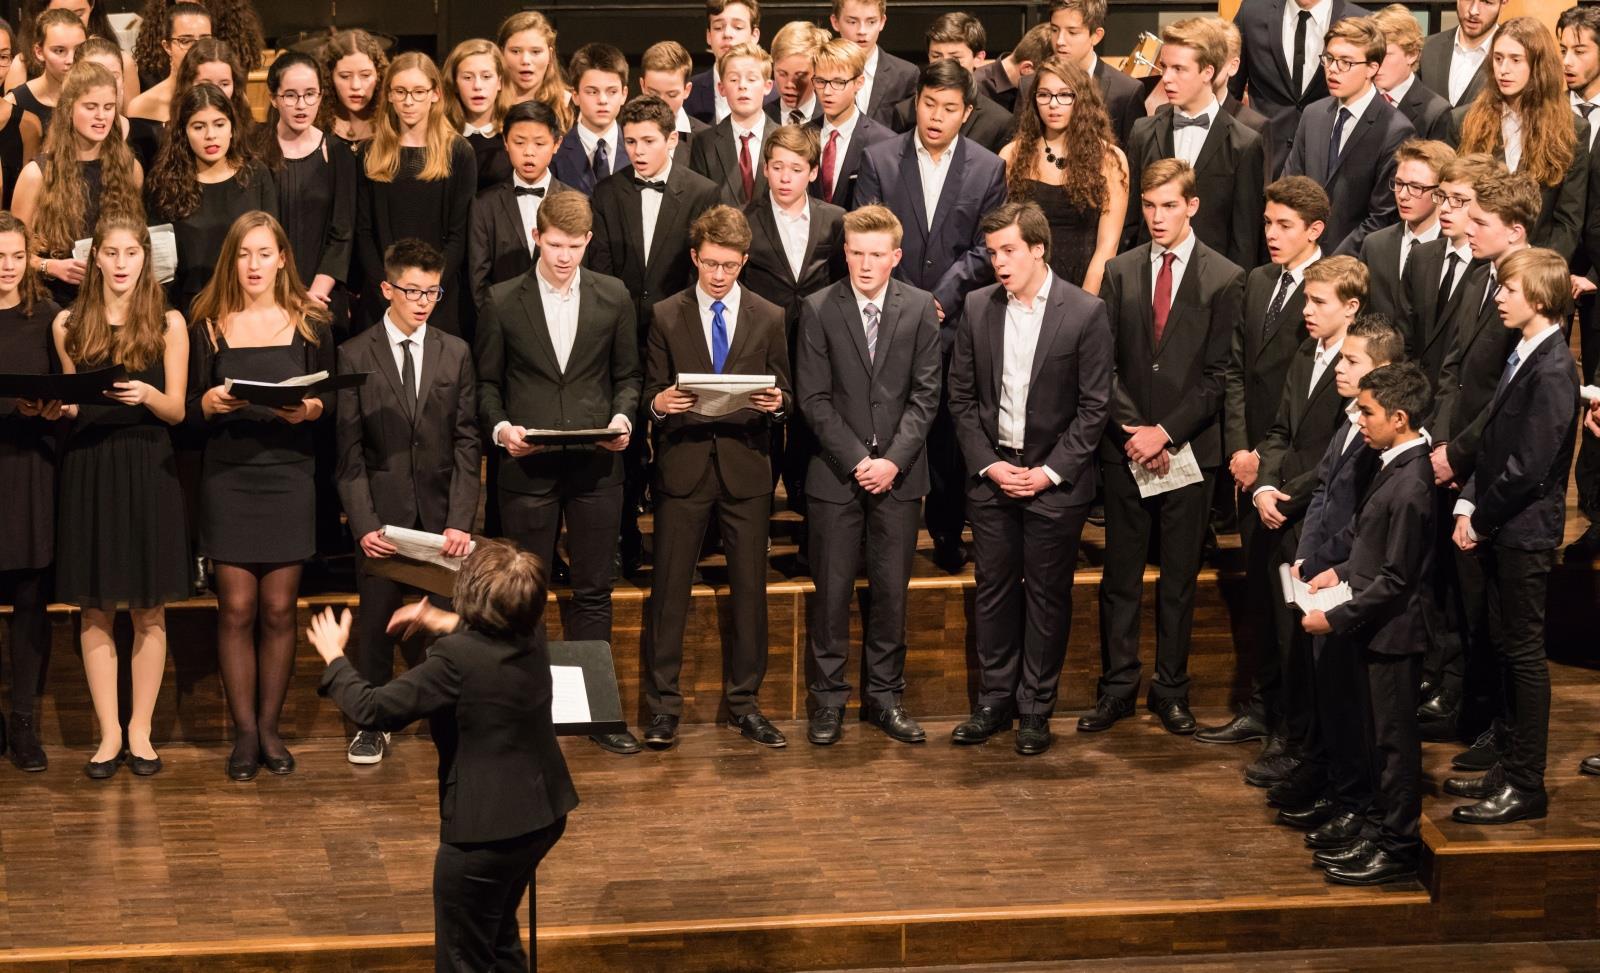 Chor der Mittel- und Oberstufe unter der Leitung von Frau Mittenhuber